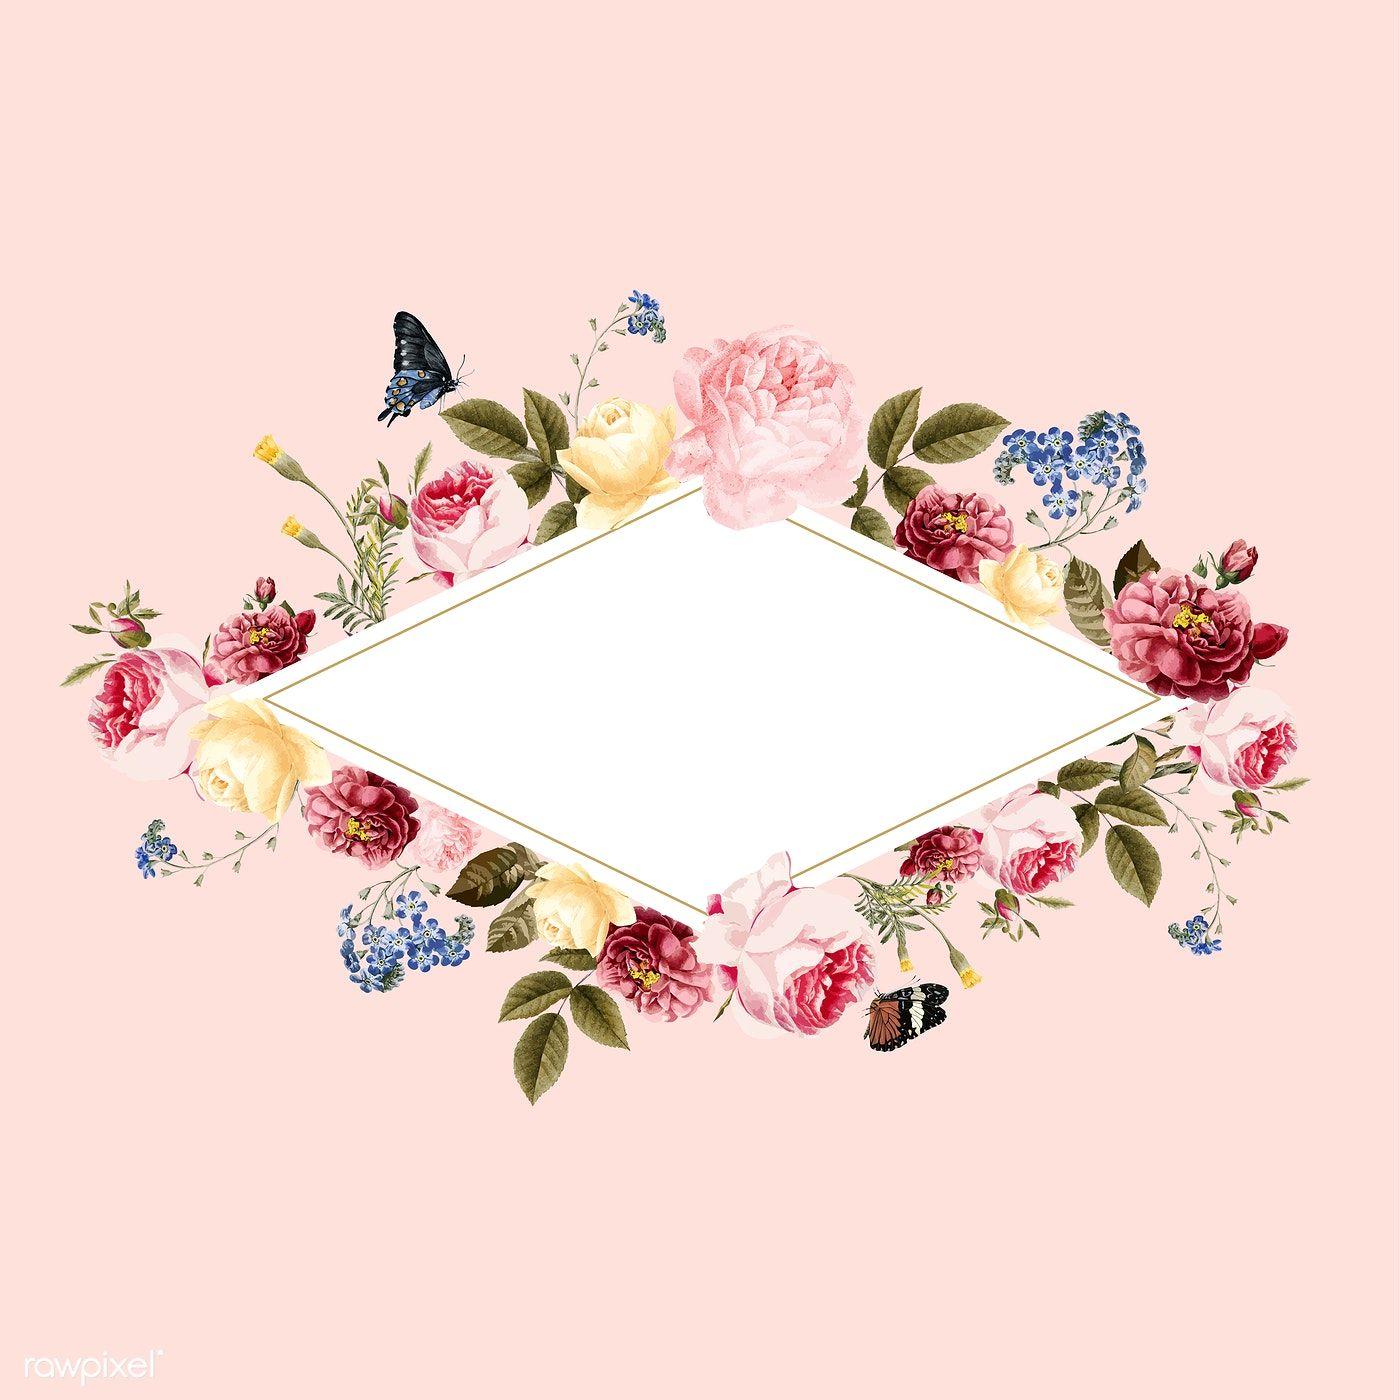 Blank Floral Frame Card Illustration Free Image By Rawpixel Com Card Illustration Frame Card Floral Cards